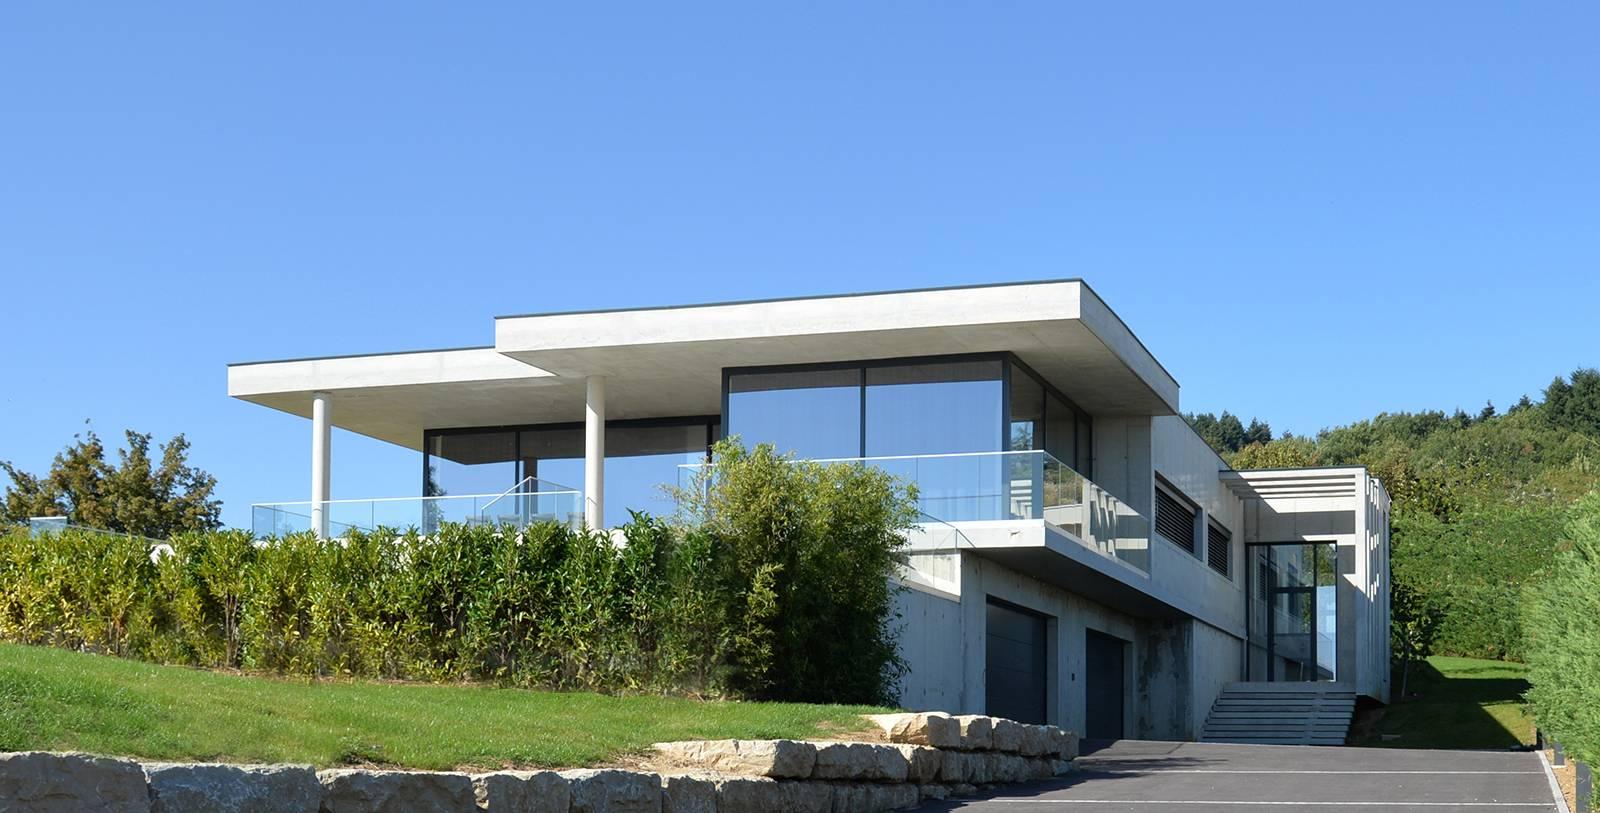 Une Maison Moderne De Beton Et De Verre A Lyon Cabinet D Architecture D Interieur En Auvergne Rhone Alpes Cabinet Vielliard Francheteau Architectures